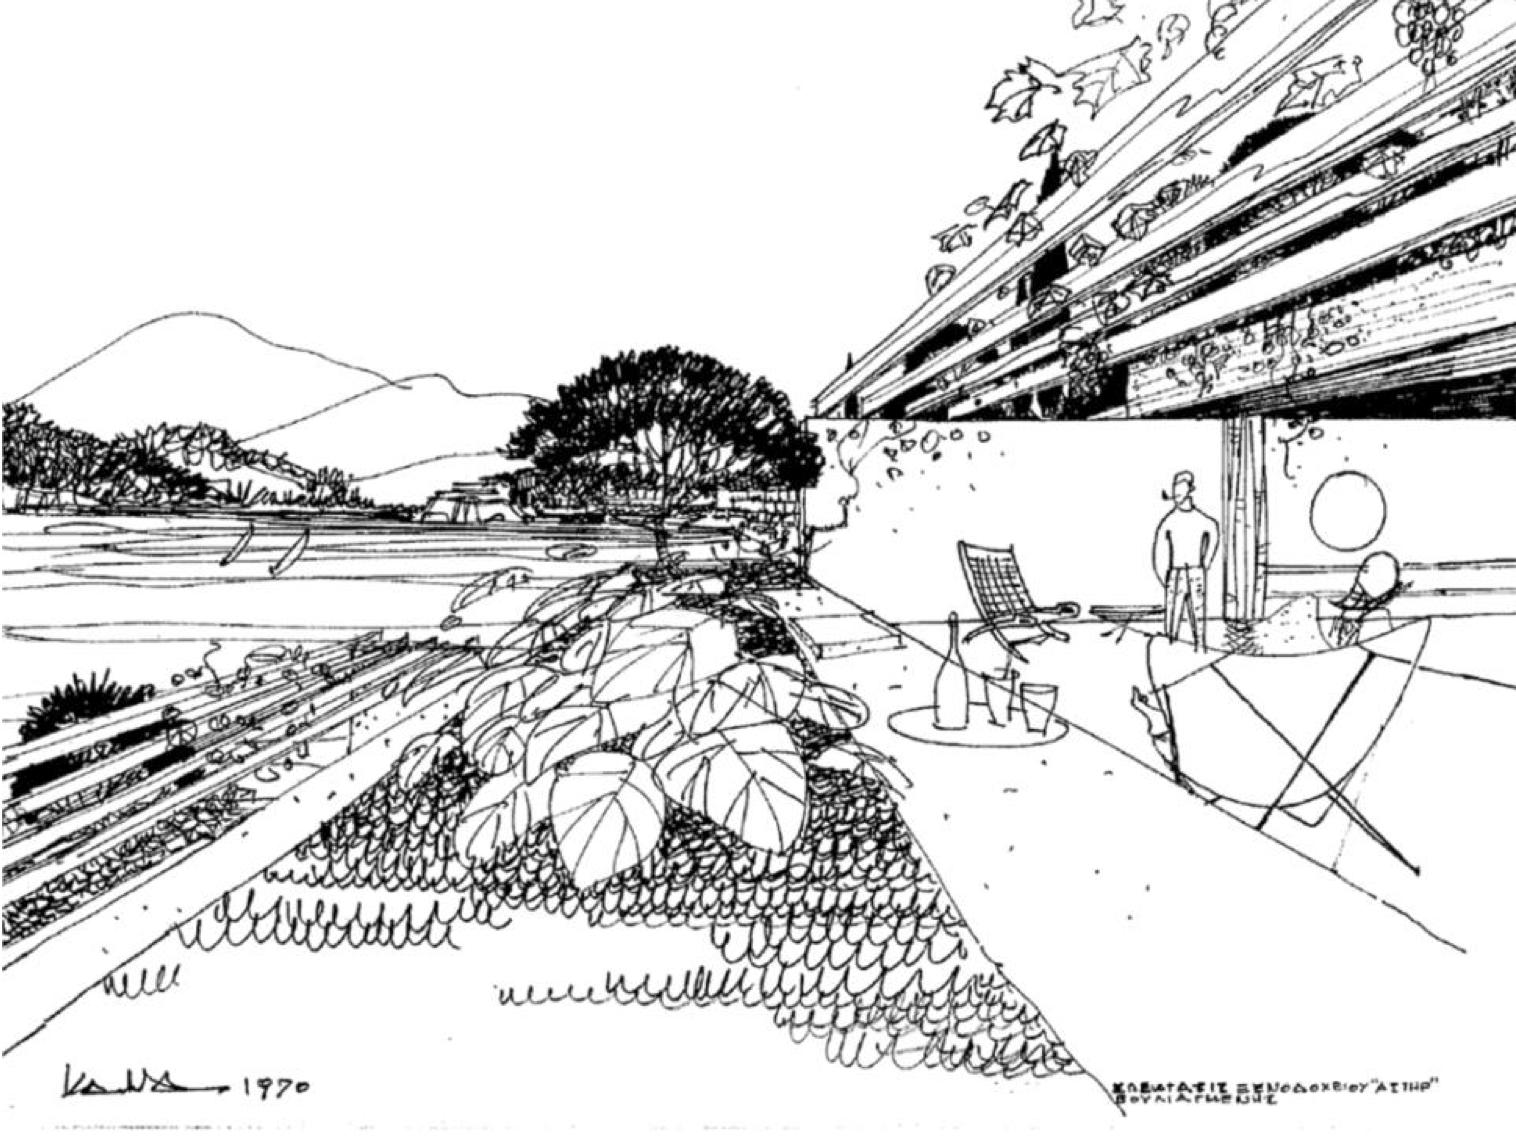 Ξεδιπλώνοντας την «εικόνα» της Ελλάδας μεταξύ φύσης και αρχαιότητας: Οι μετασχηματισμοί της ελληνοκεντρικής προσέγγισης